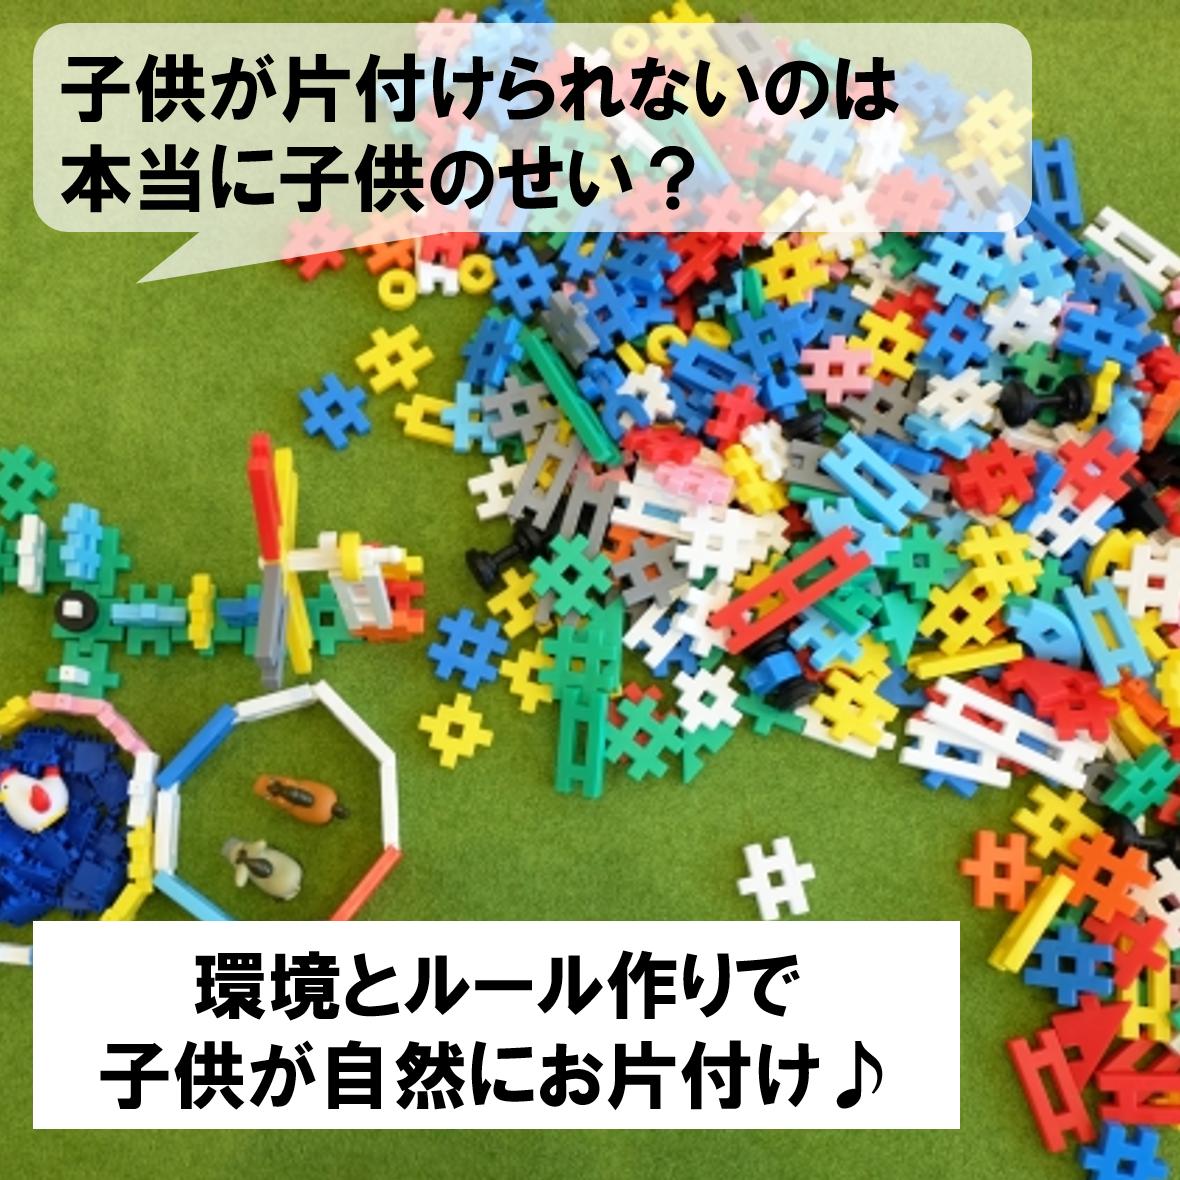 アイキャッチ画像(子供 片付け)